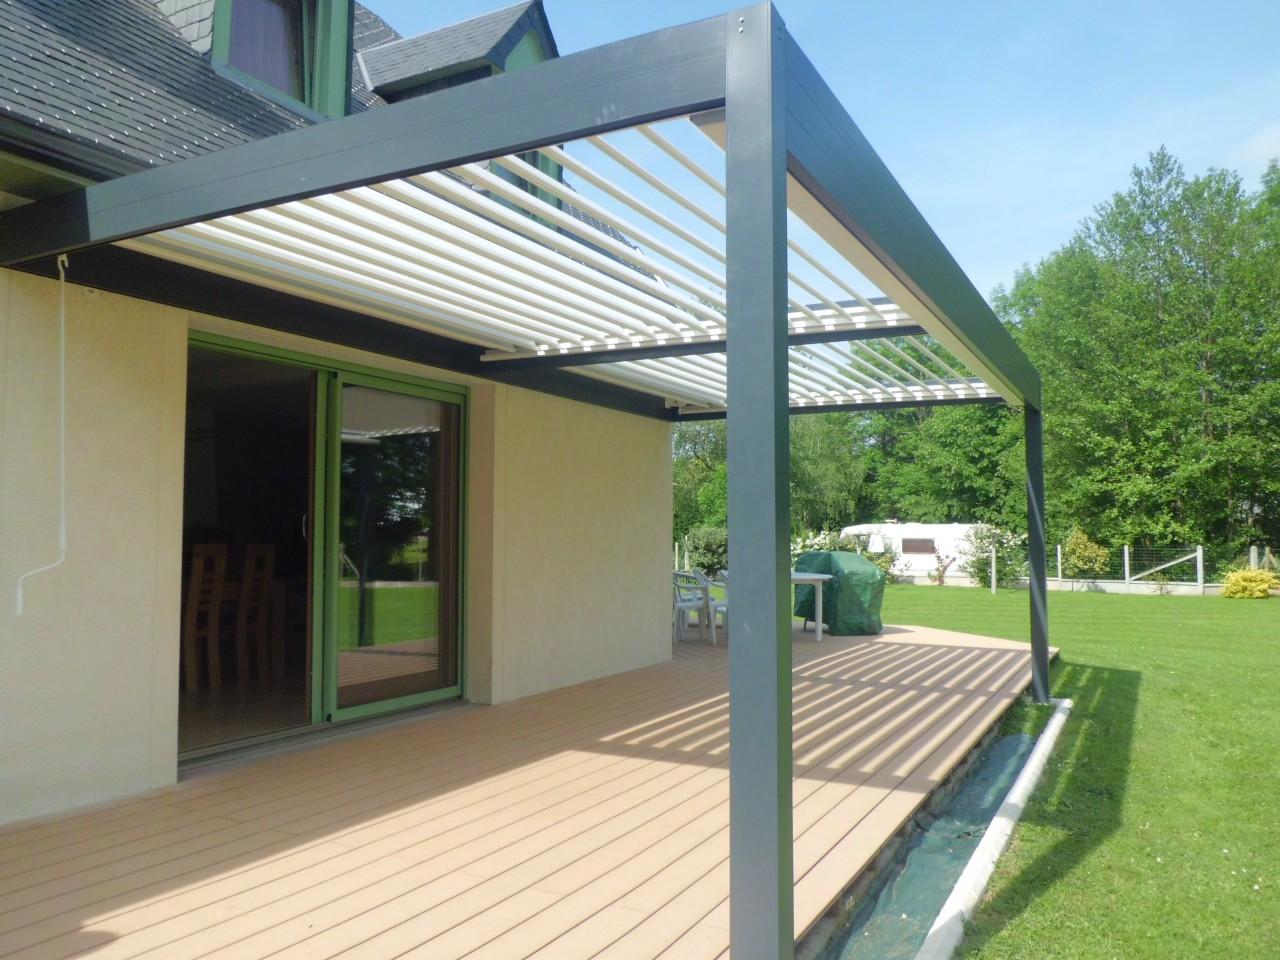 Pergola Alu modern design outdoor manual aluminium bioclimatic pergola with